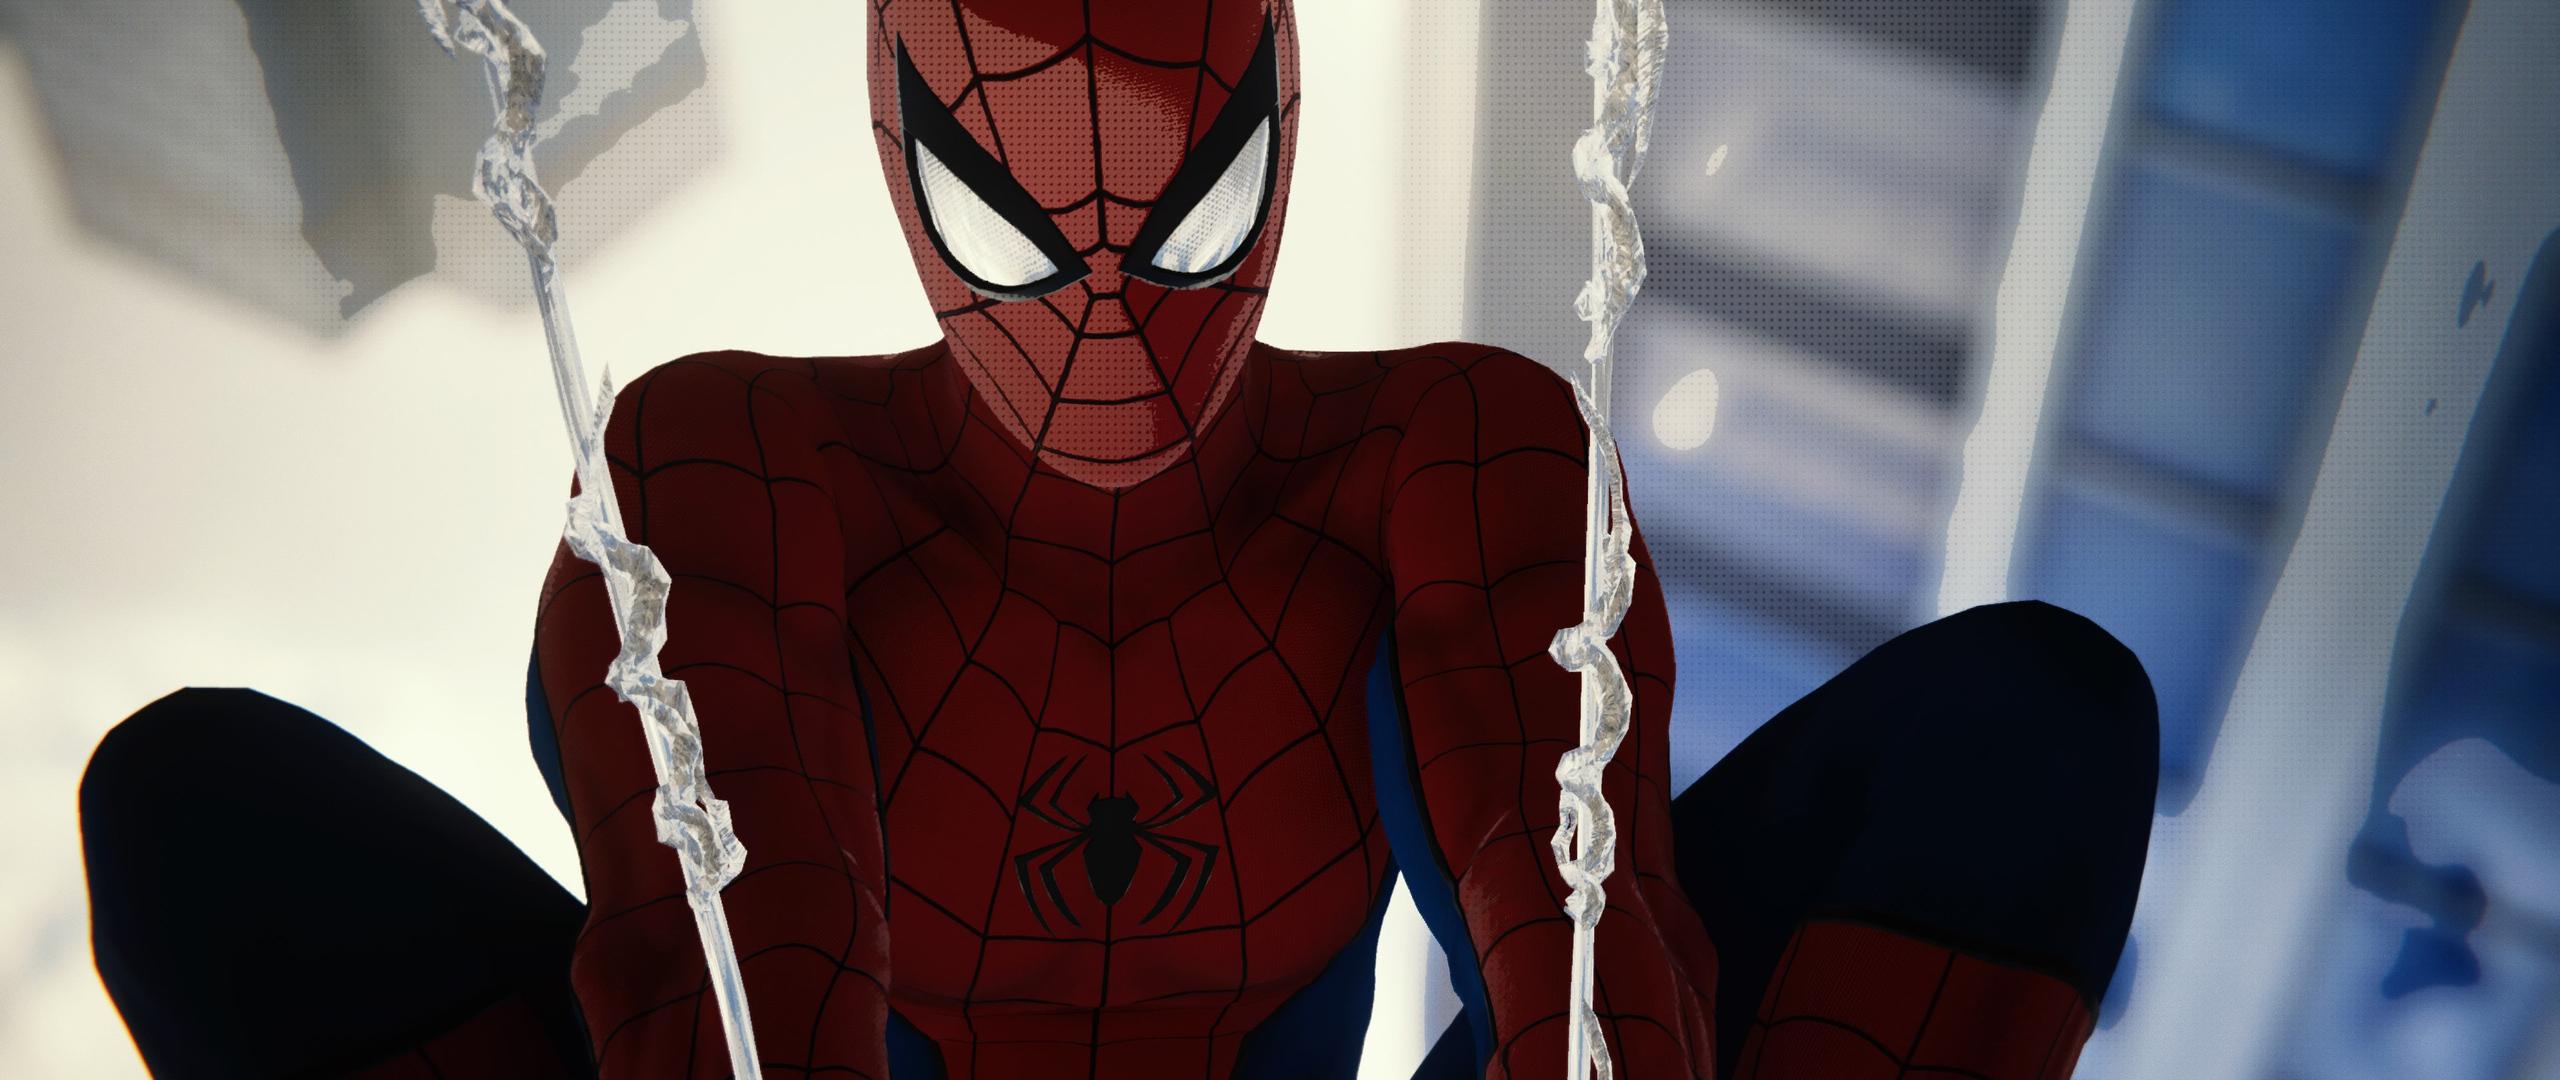 spiderman-shooting-web-4k-ii.jpg